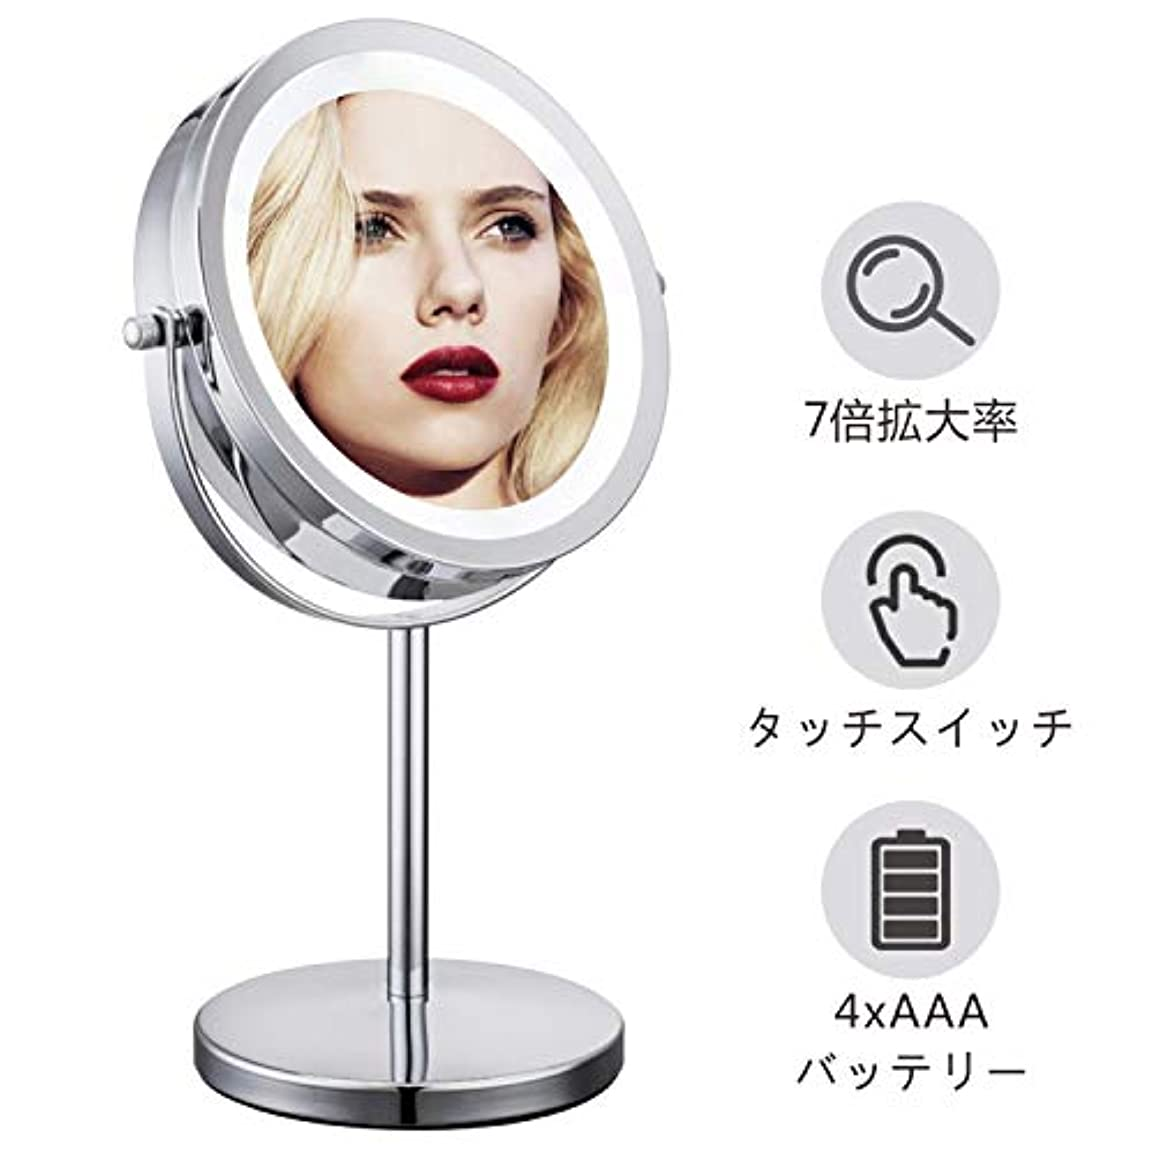 人形加速度見つけるMinracler 化粧鏡 7倍拡大 卓上 化粧ミラー led両面鏡 明るさ調節可能 360度回転 (鏡面155mmΦ) 電池給電